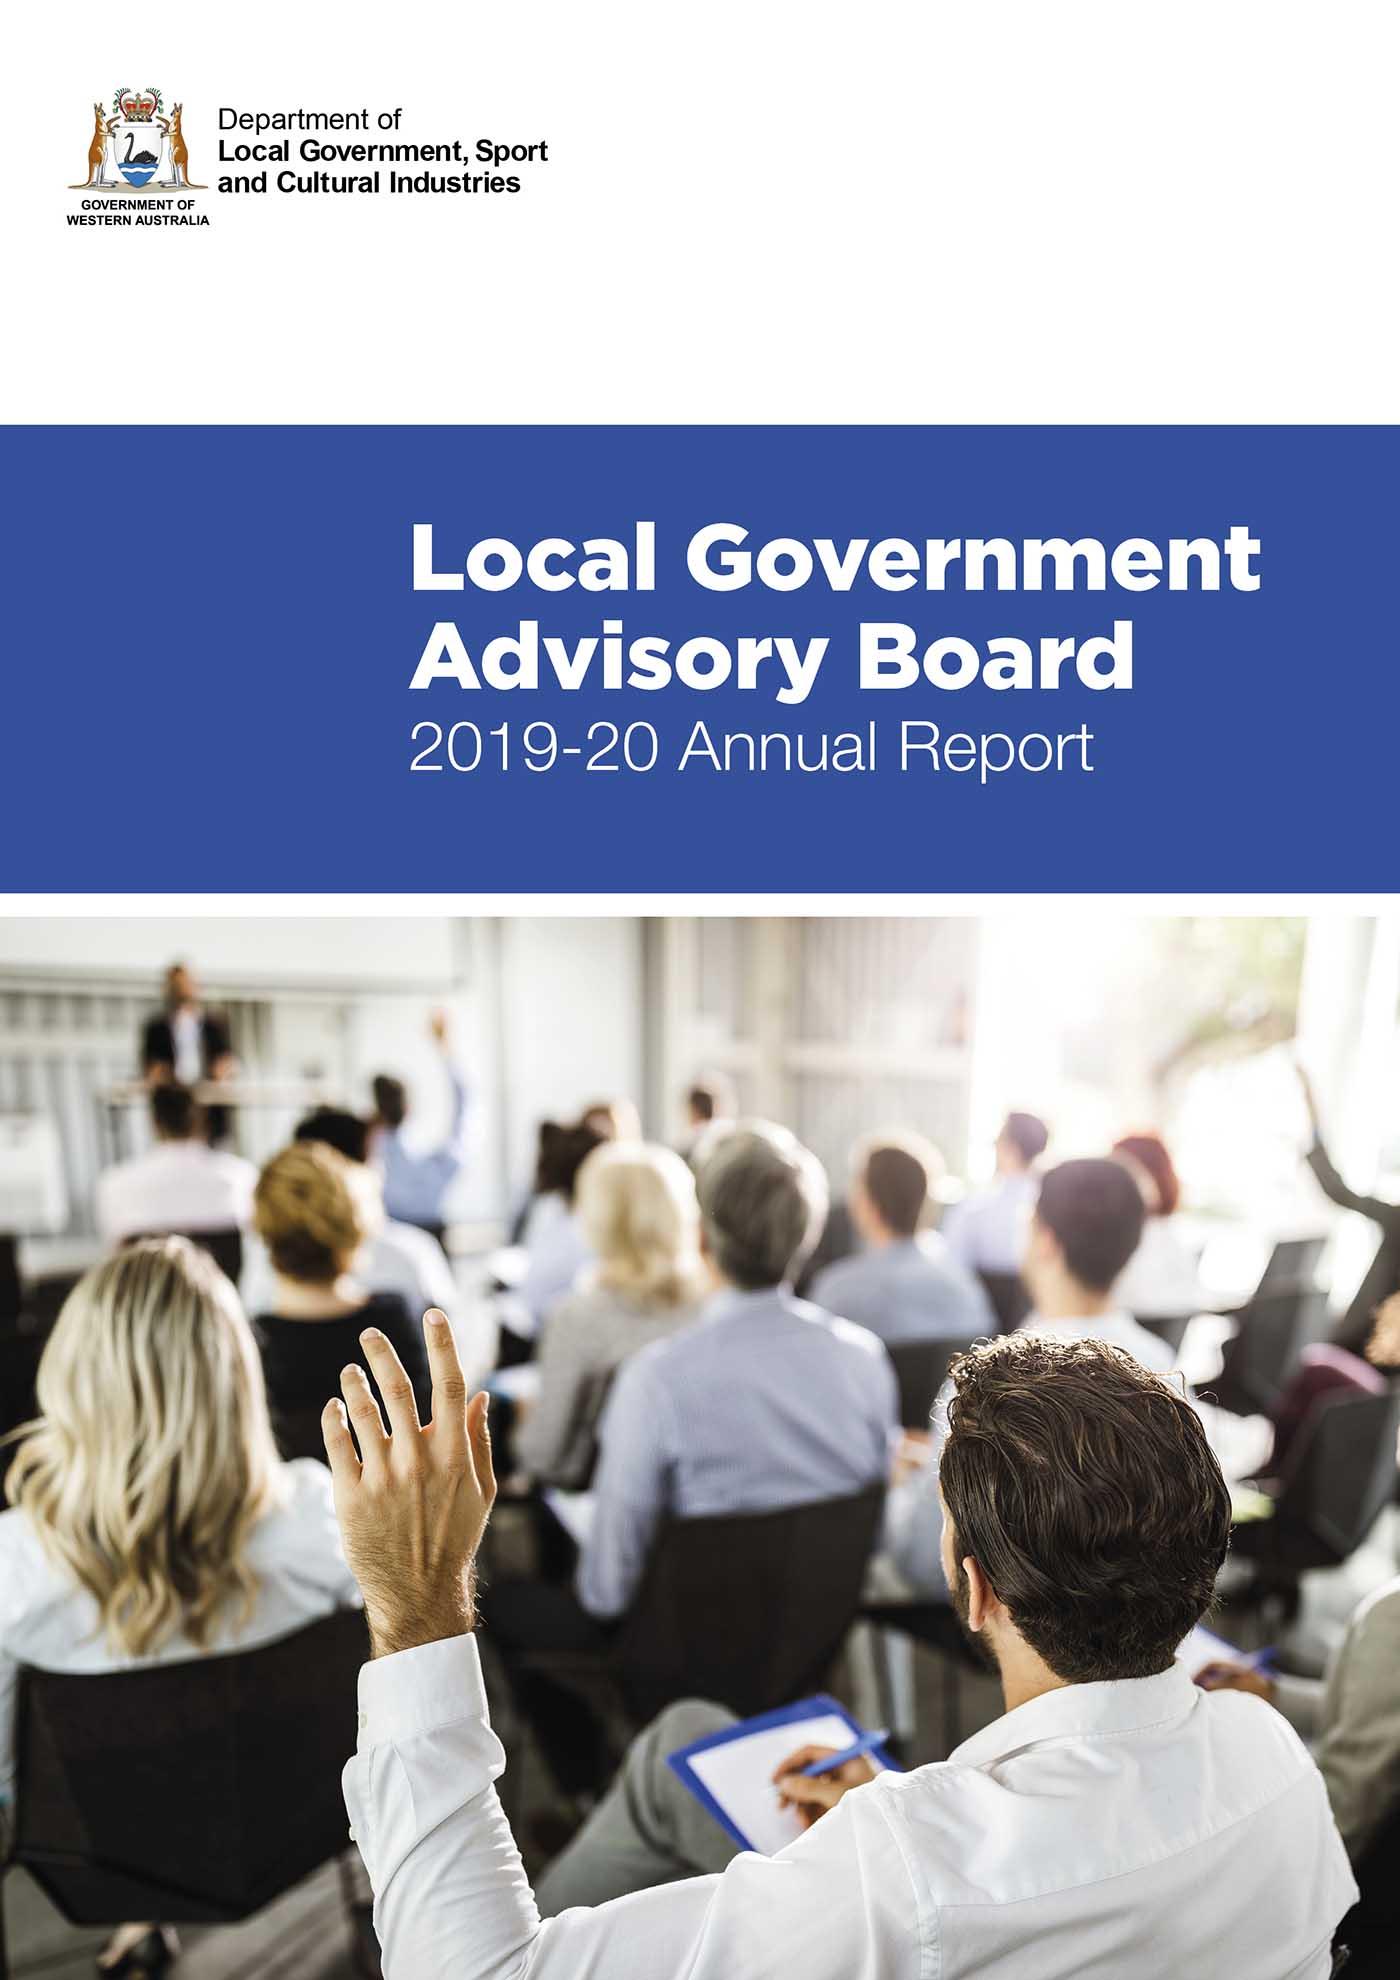 Local Government Advisory Board  Annual Report 2019-20